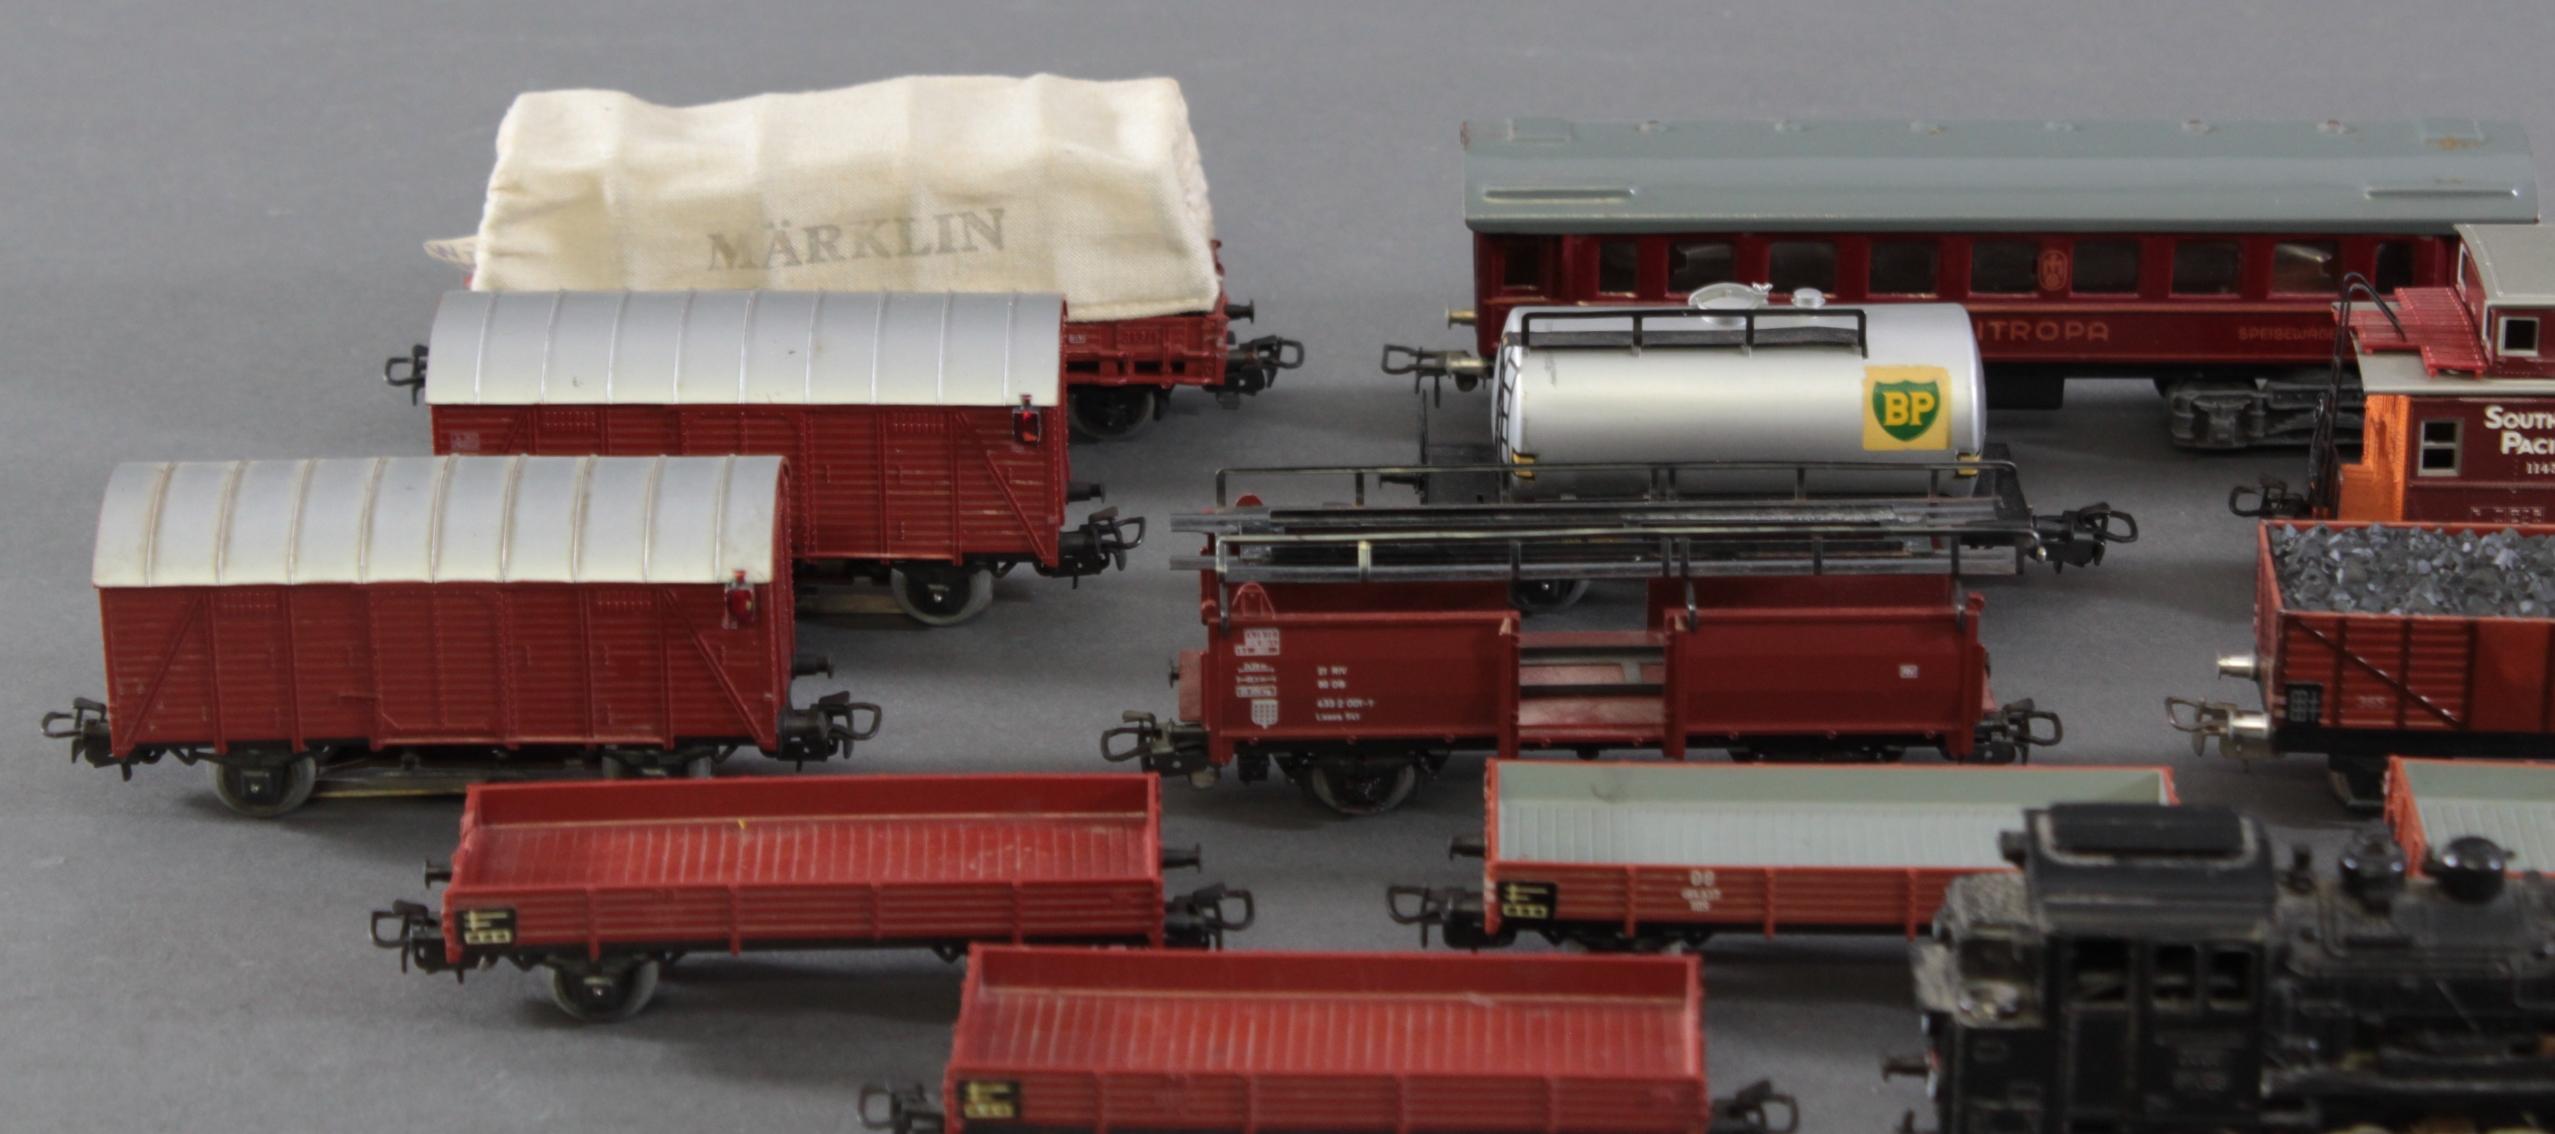 Märklin Dampflok BR 89 023 mit 12 Güter- und 1 Personenwaggon aus Blech und Kunststoff, Spur H0-2